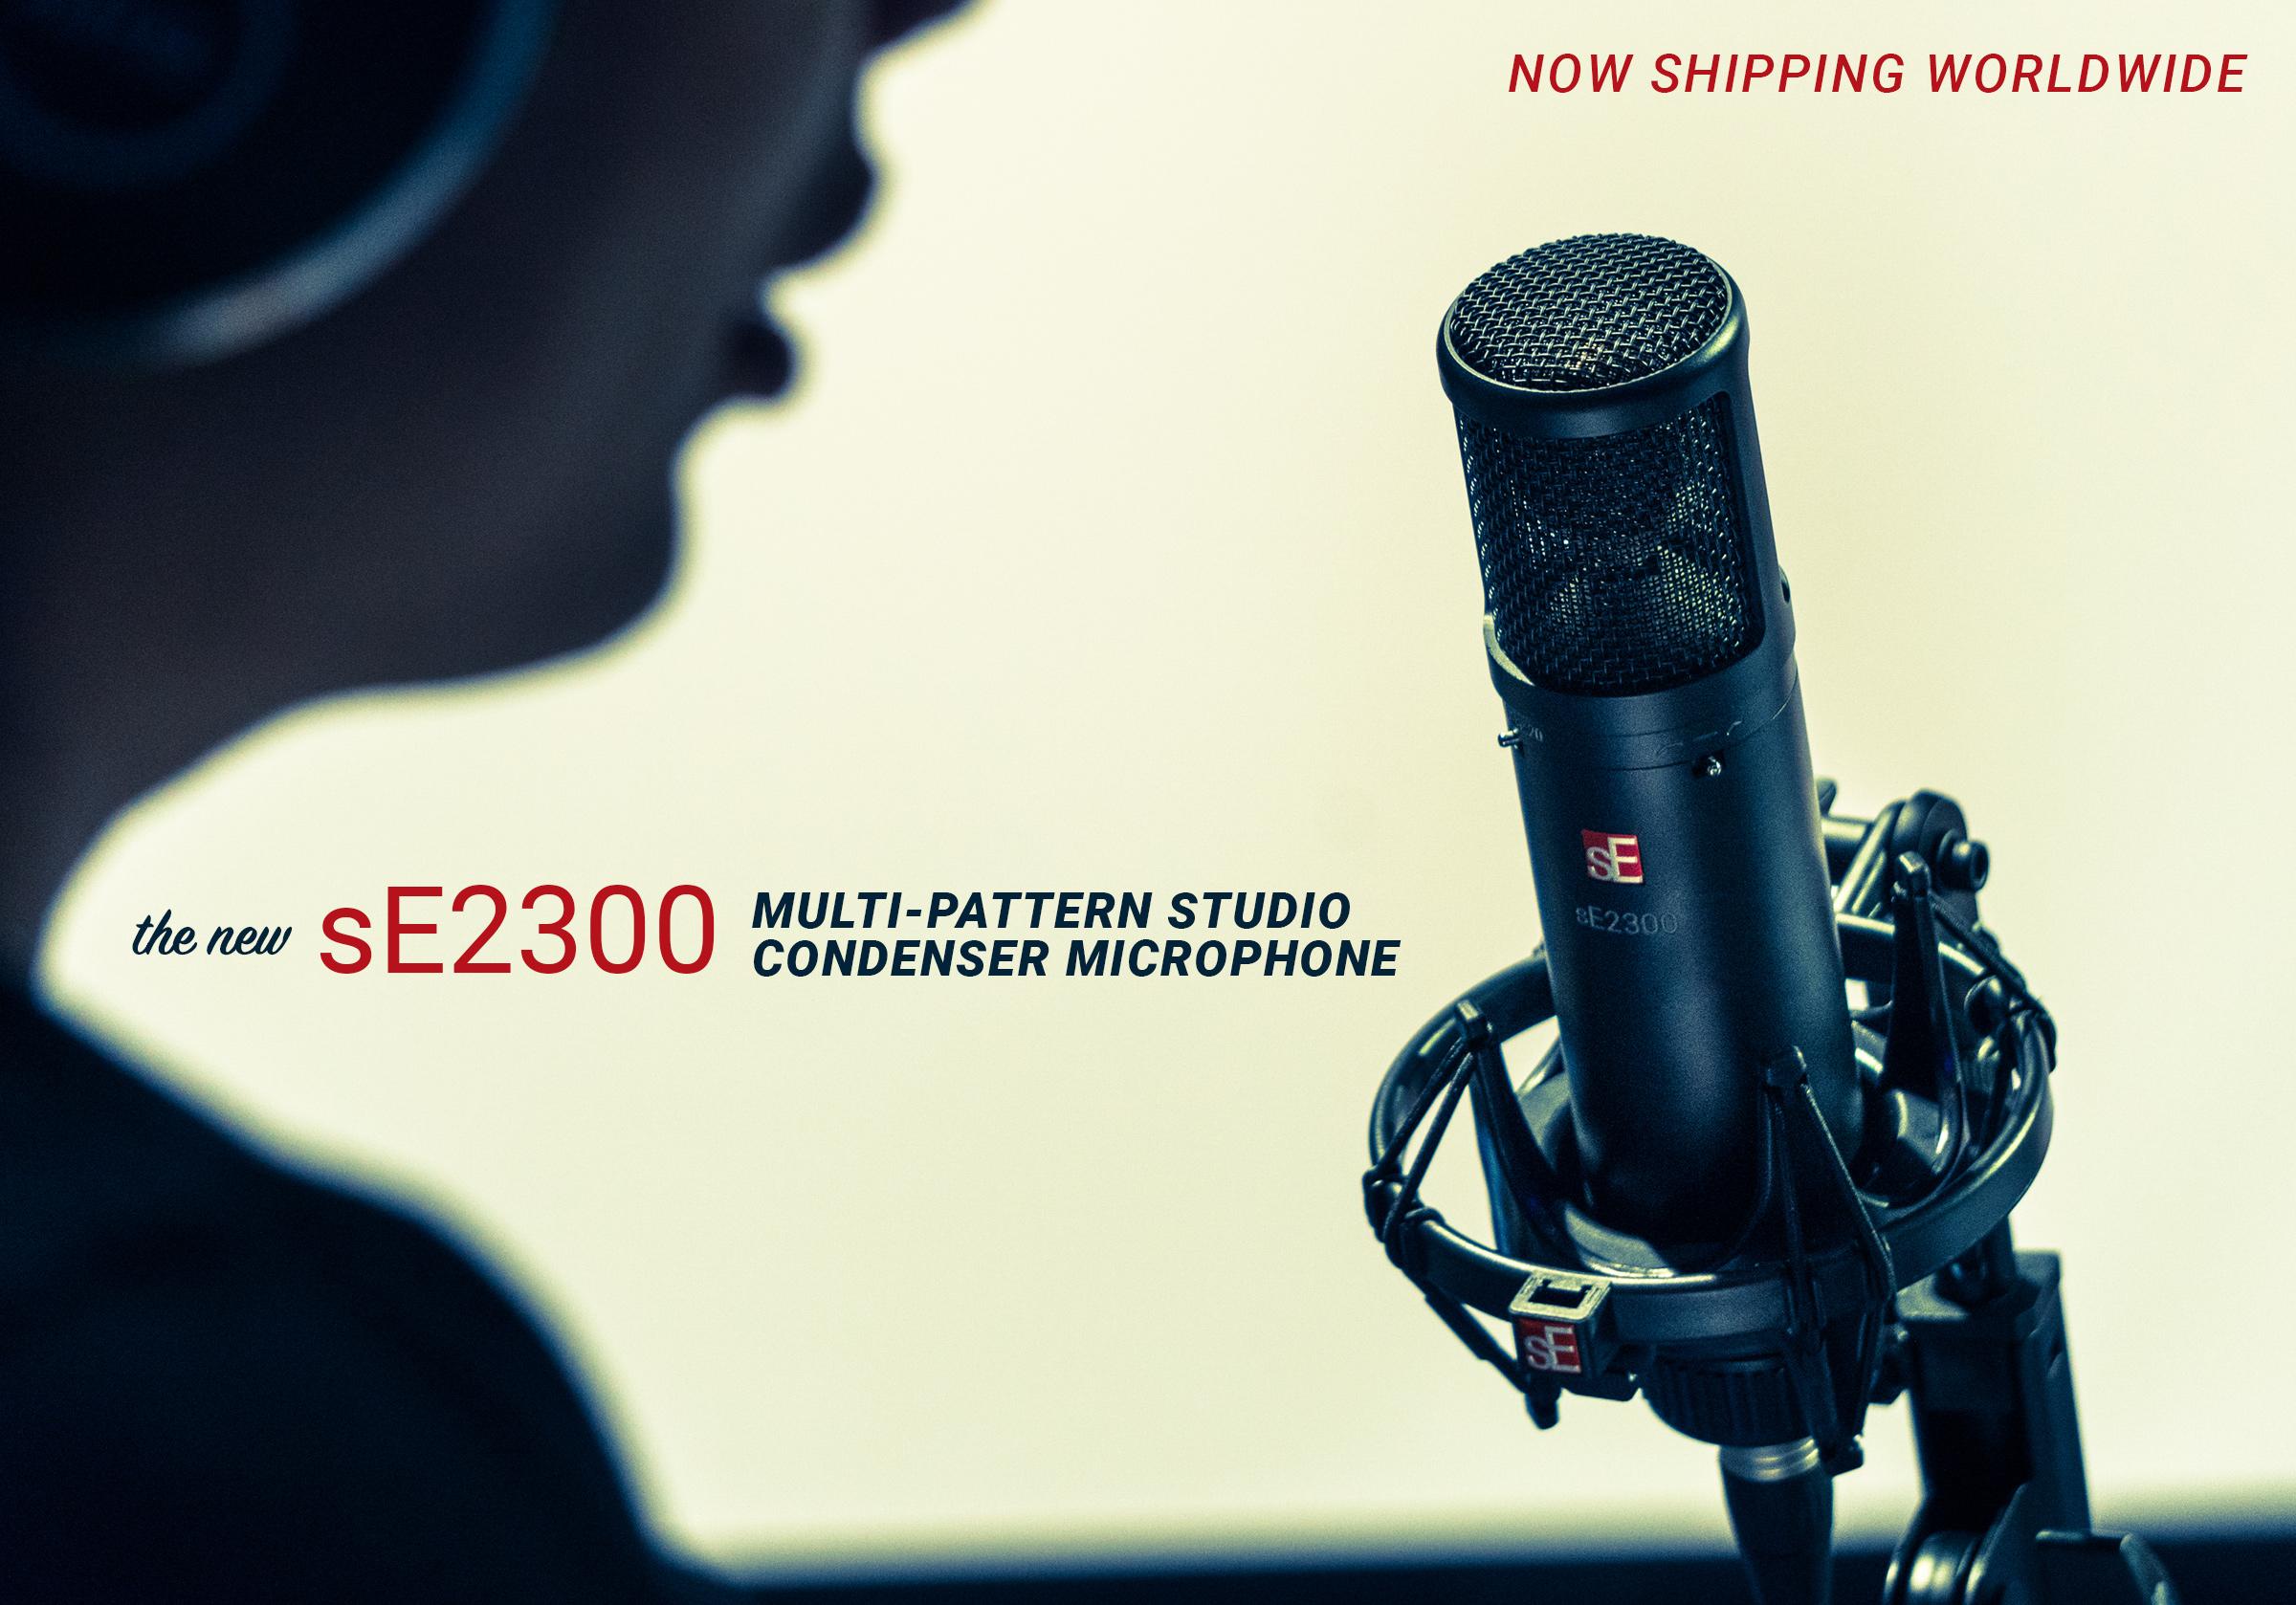 sE2300-homepage-header.jpg